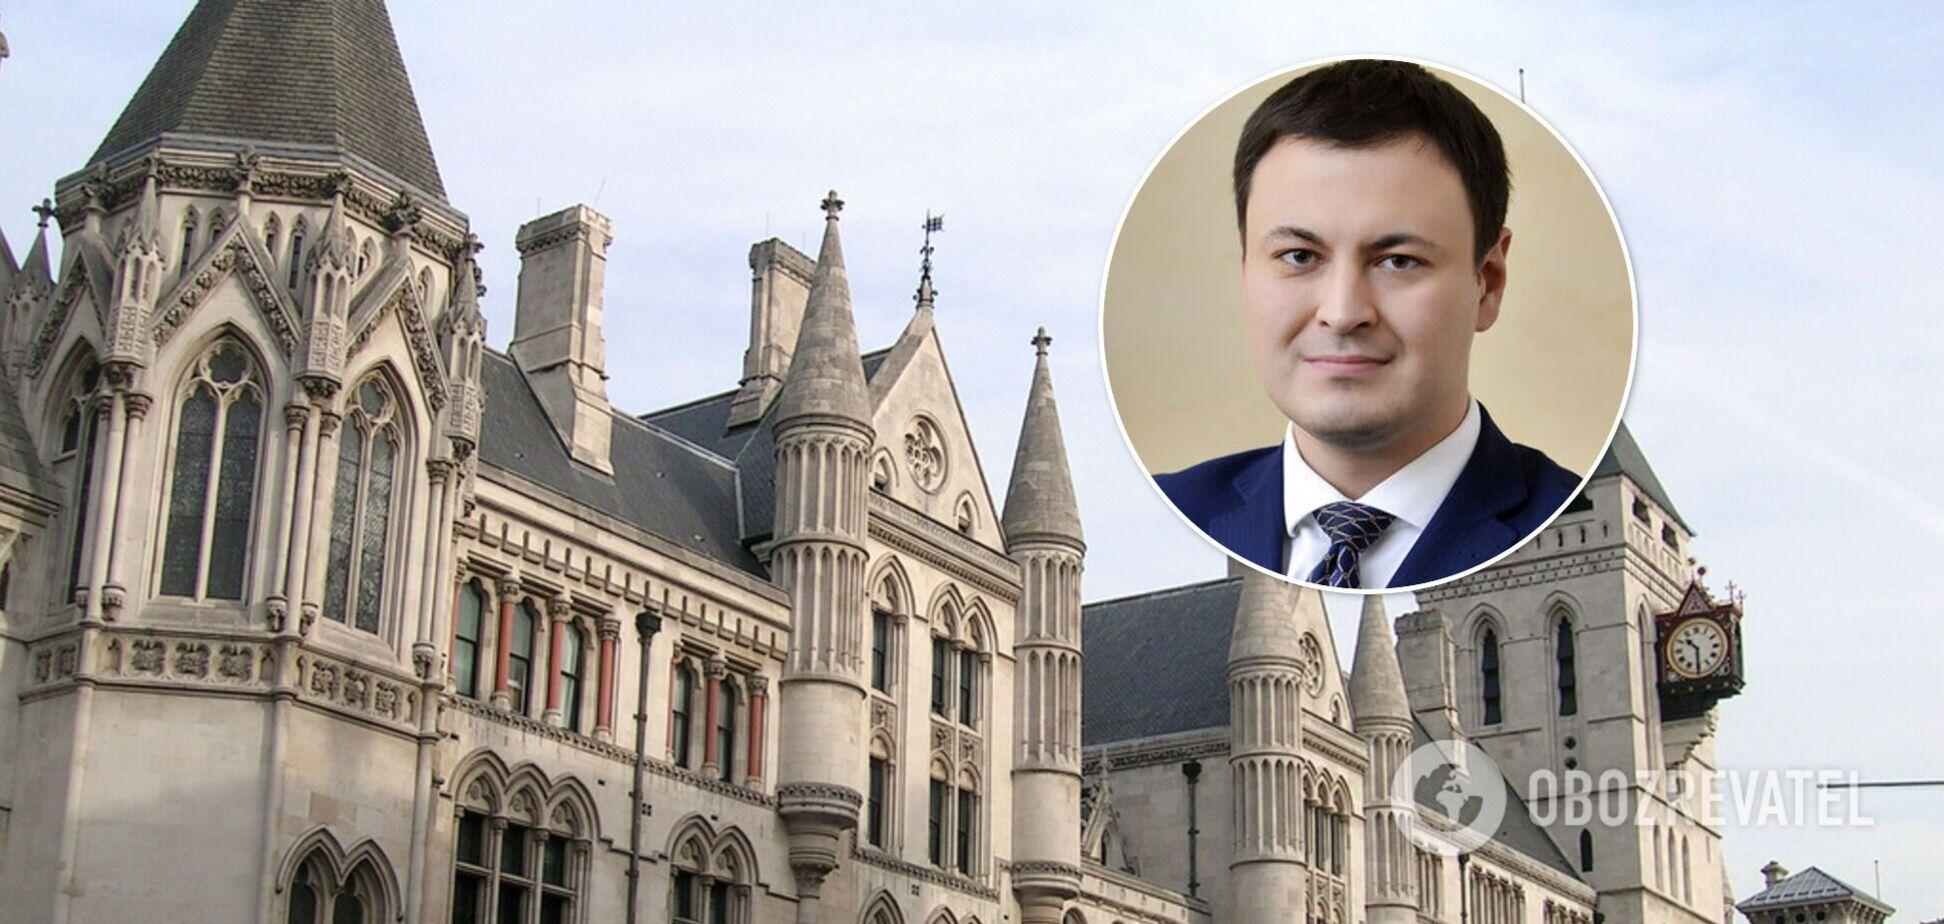 Высокий суд Лондона пришел к выводу, что он не является юрисдикцией для рассмотрения иска Суркиса к Порошенко и Гонтаревой, сообщил адвокат